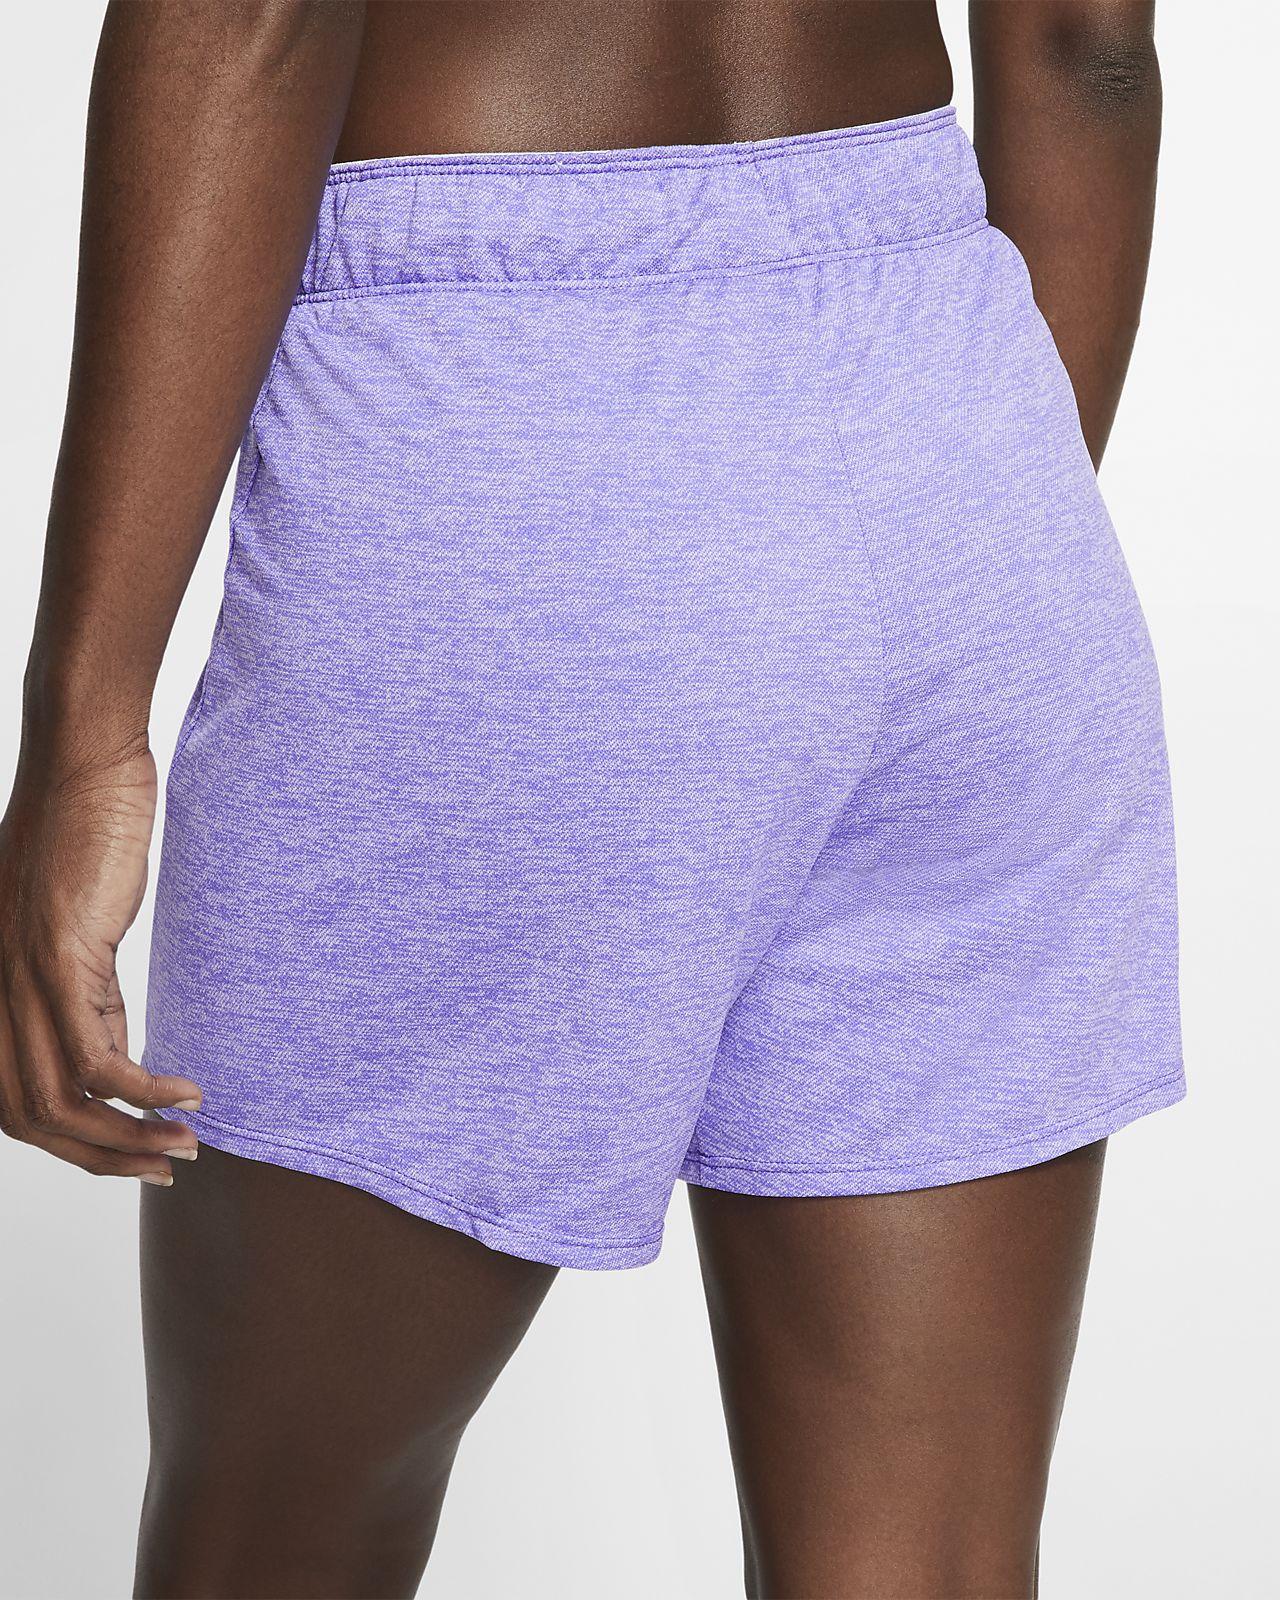 e9f9a42cf0718 Nike Dri-FIT Women's 5